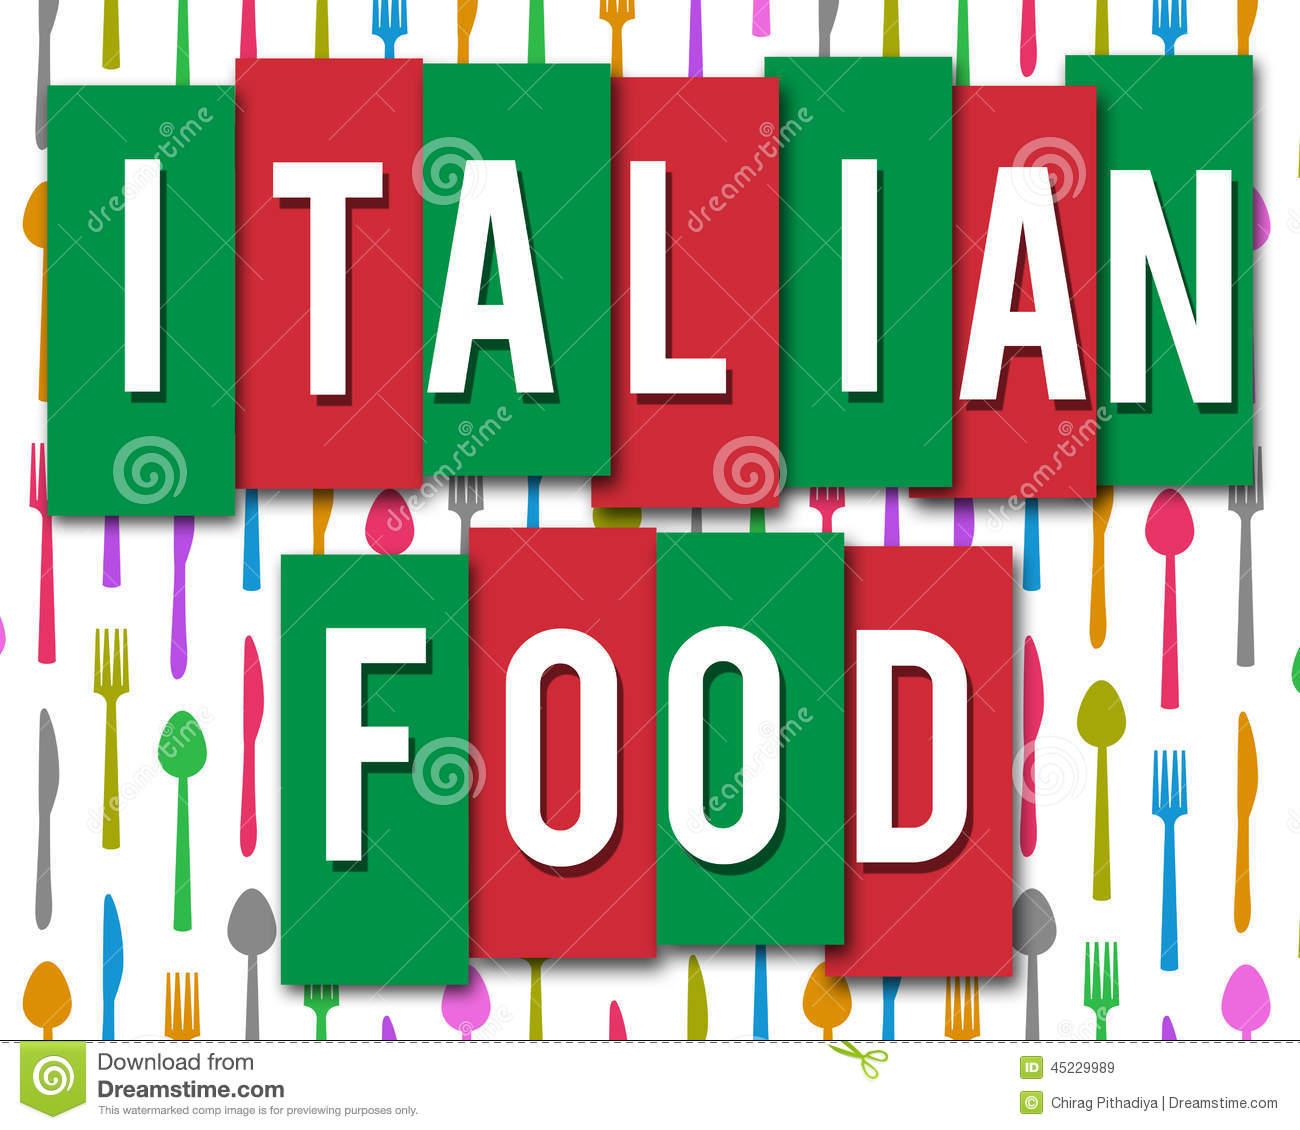 Italian Food-Italian Food-15